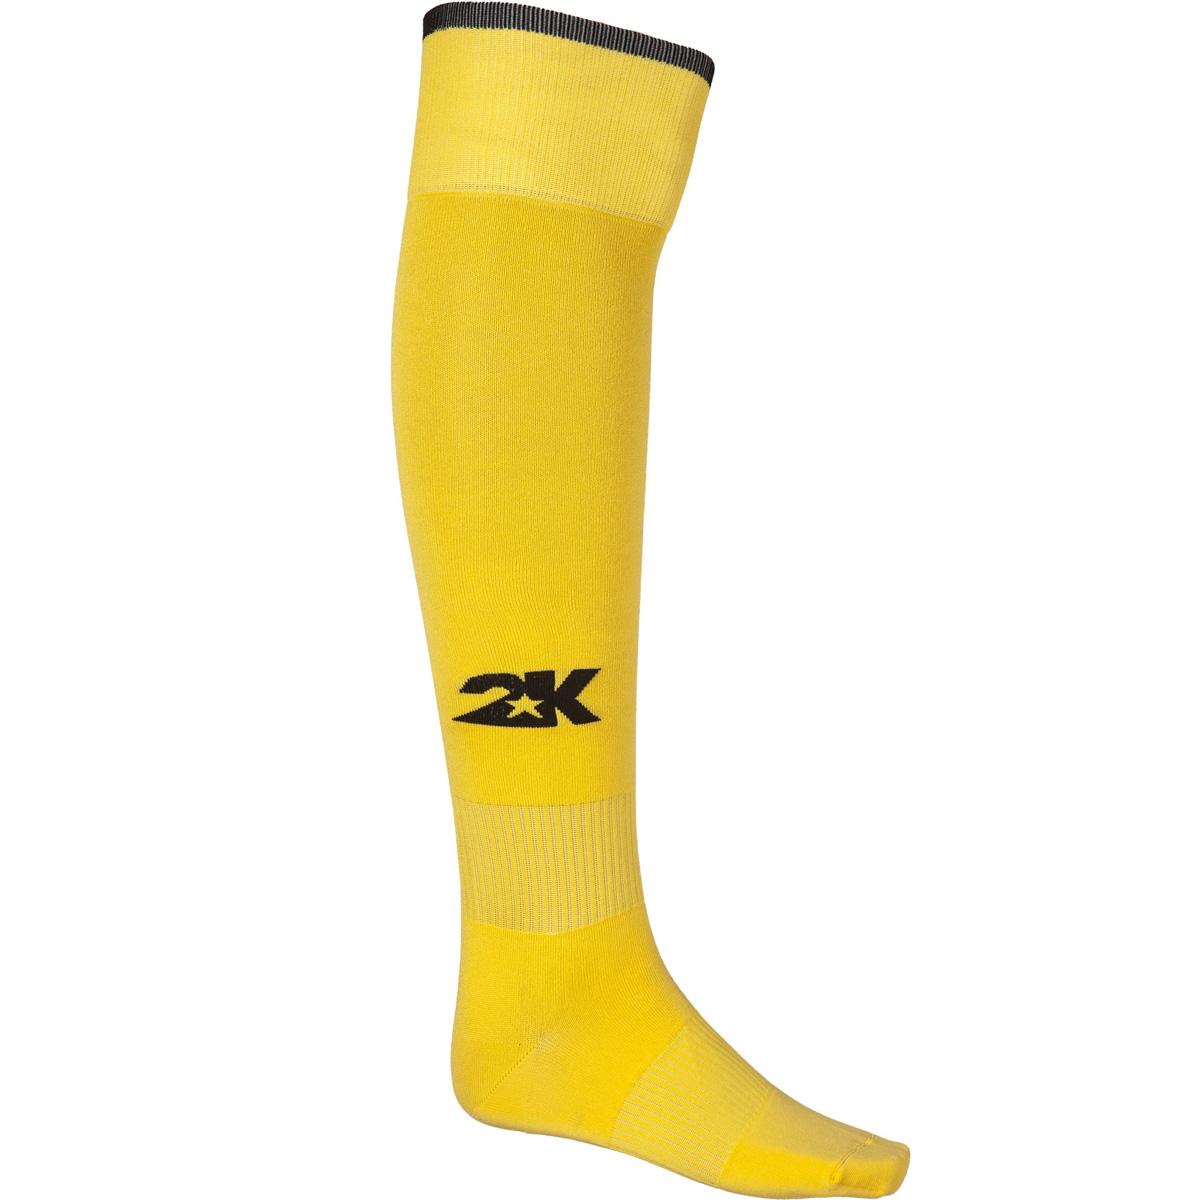 Гетры футбольные 2K Sport Classic, цвет: желтый, черный. 120334. Размер 36/40120334_yellow/blackКлассические футбольные гетры выполнены из высококачественного материала. Оформлены логотипом бренда.